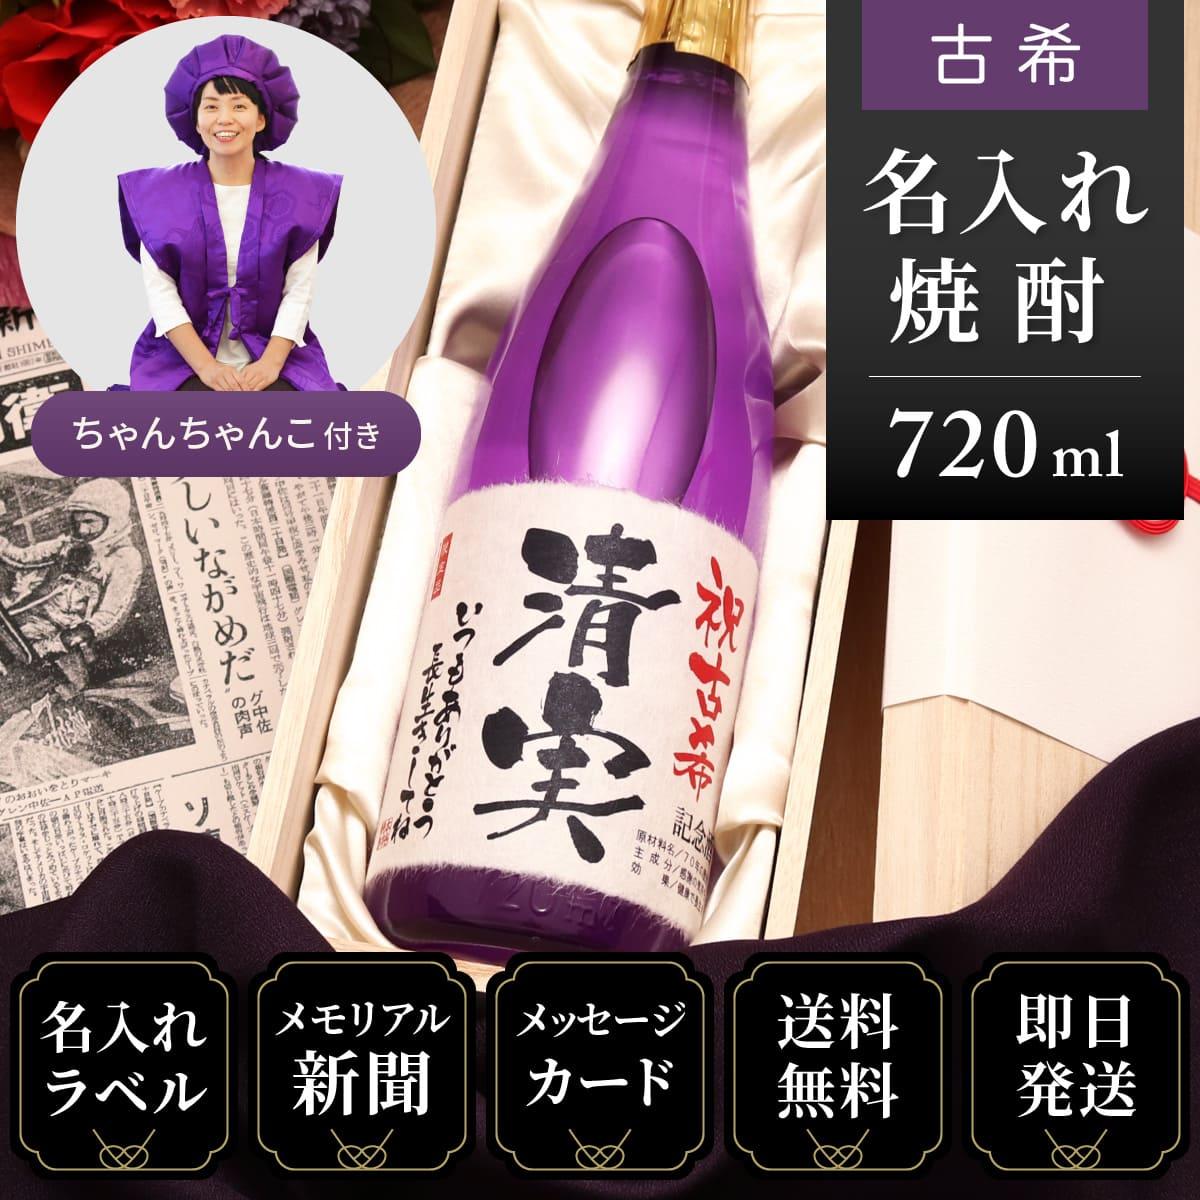 ちゃんちゃんこセット|古希のプレゼント「華乃桔梗」母親向けギフト(酒粕焼酎)